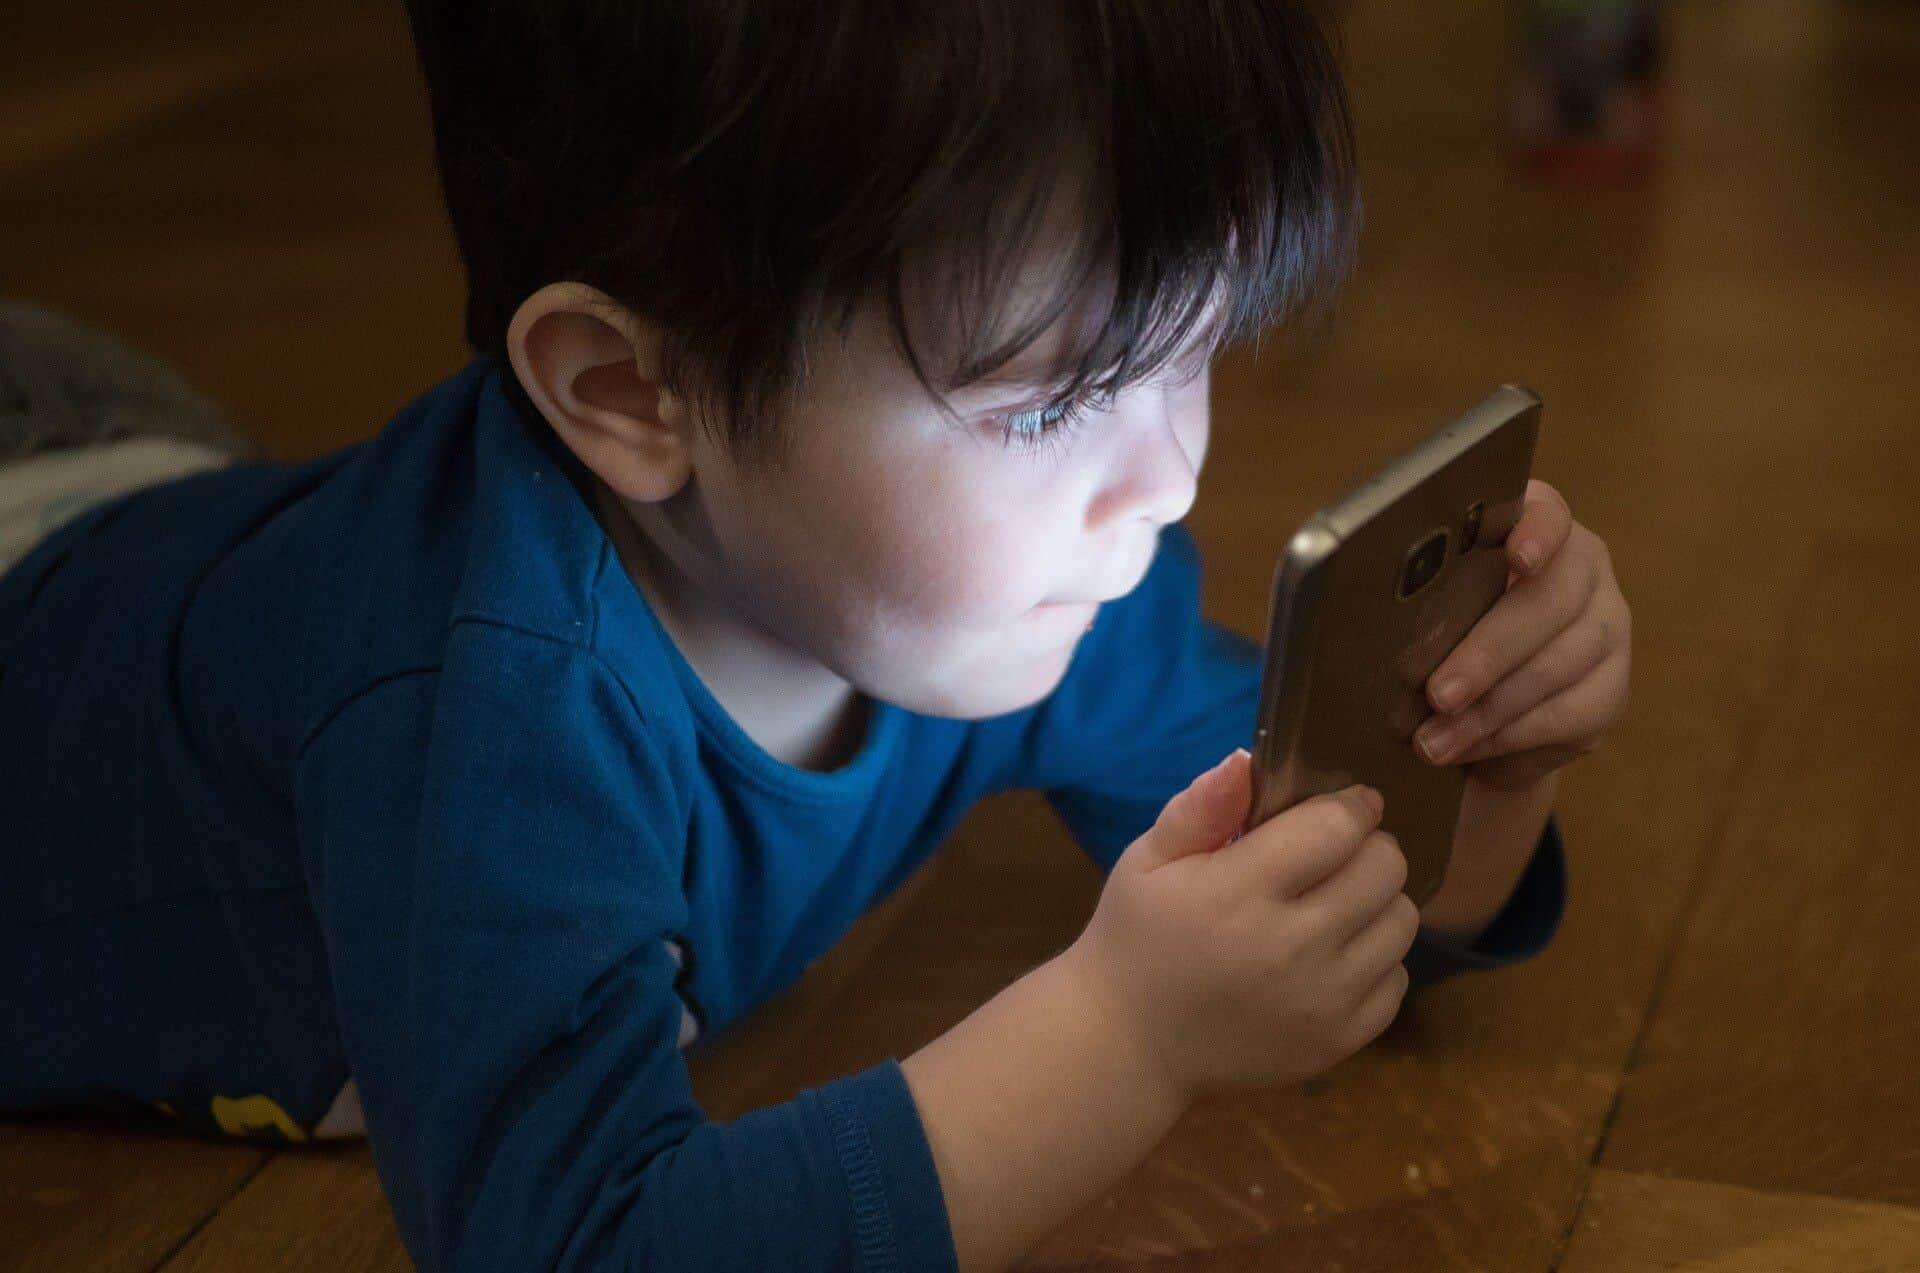 كيفية حماية صور أطفالك على الإنترنت